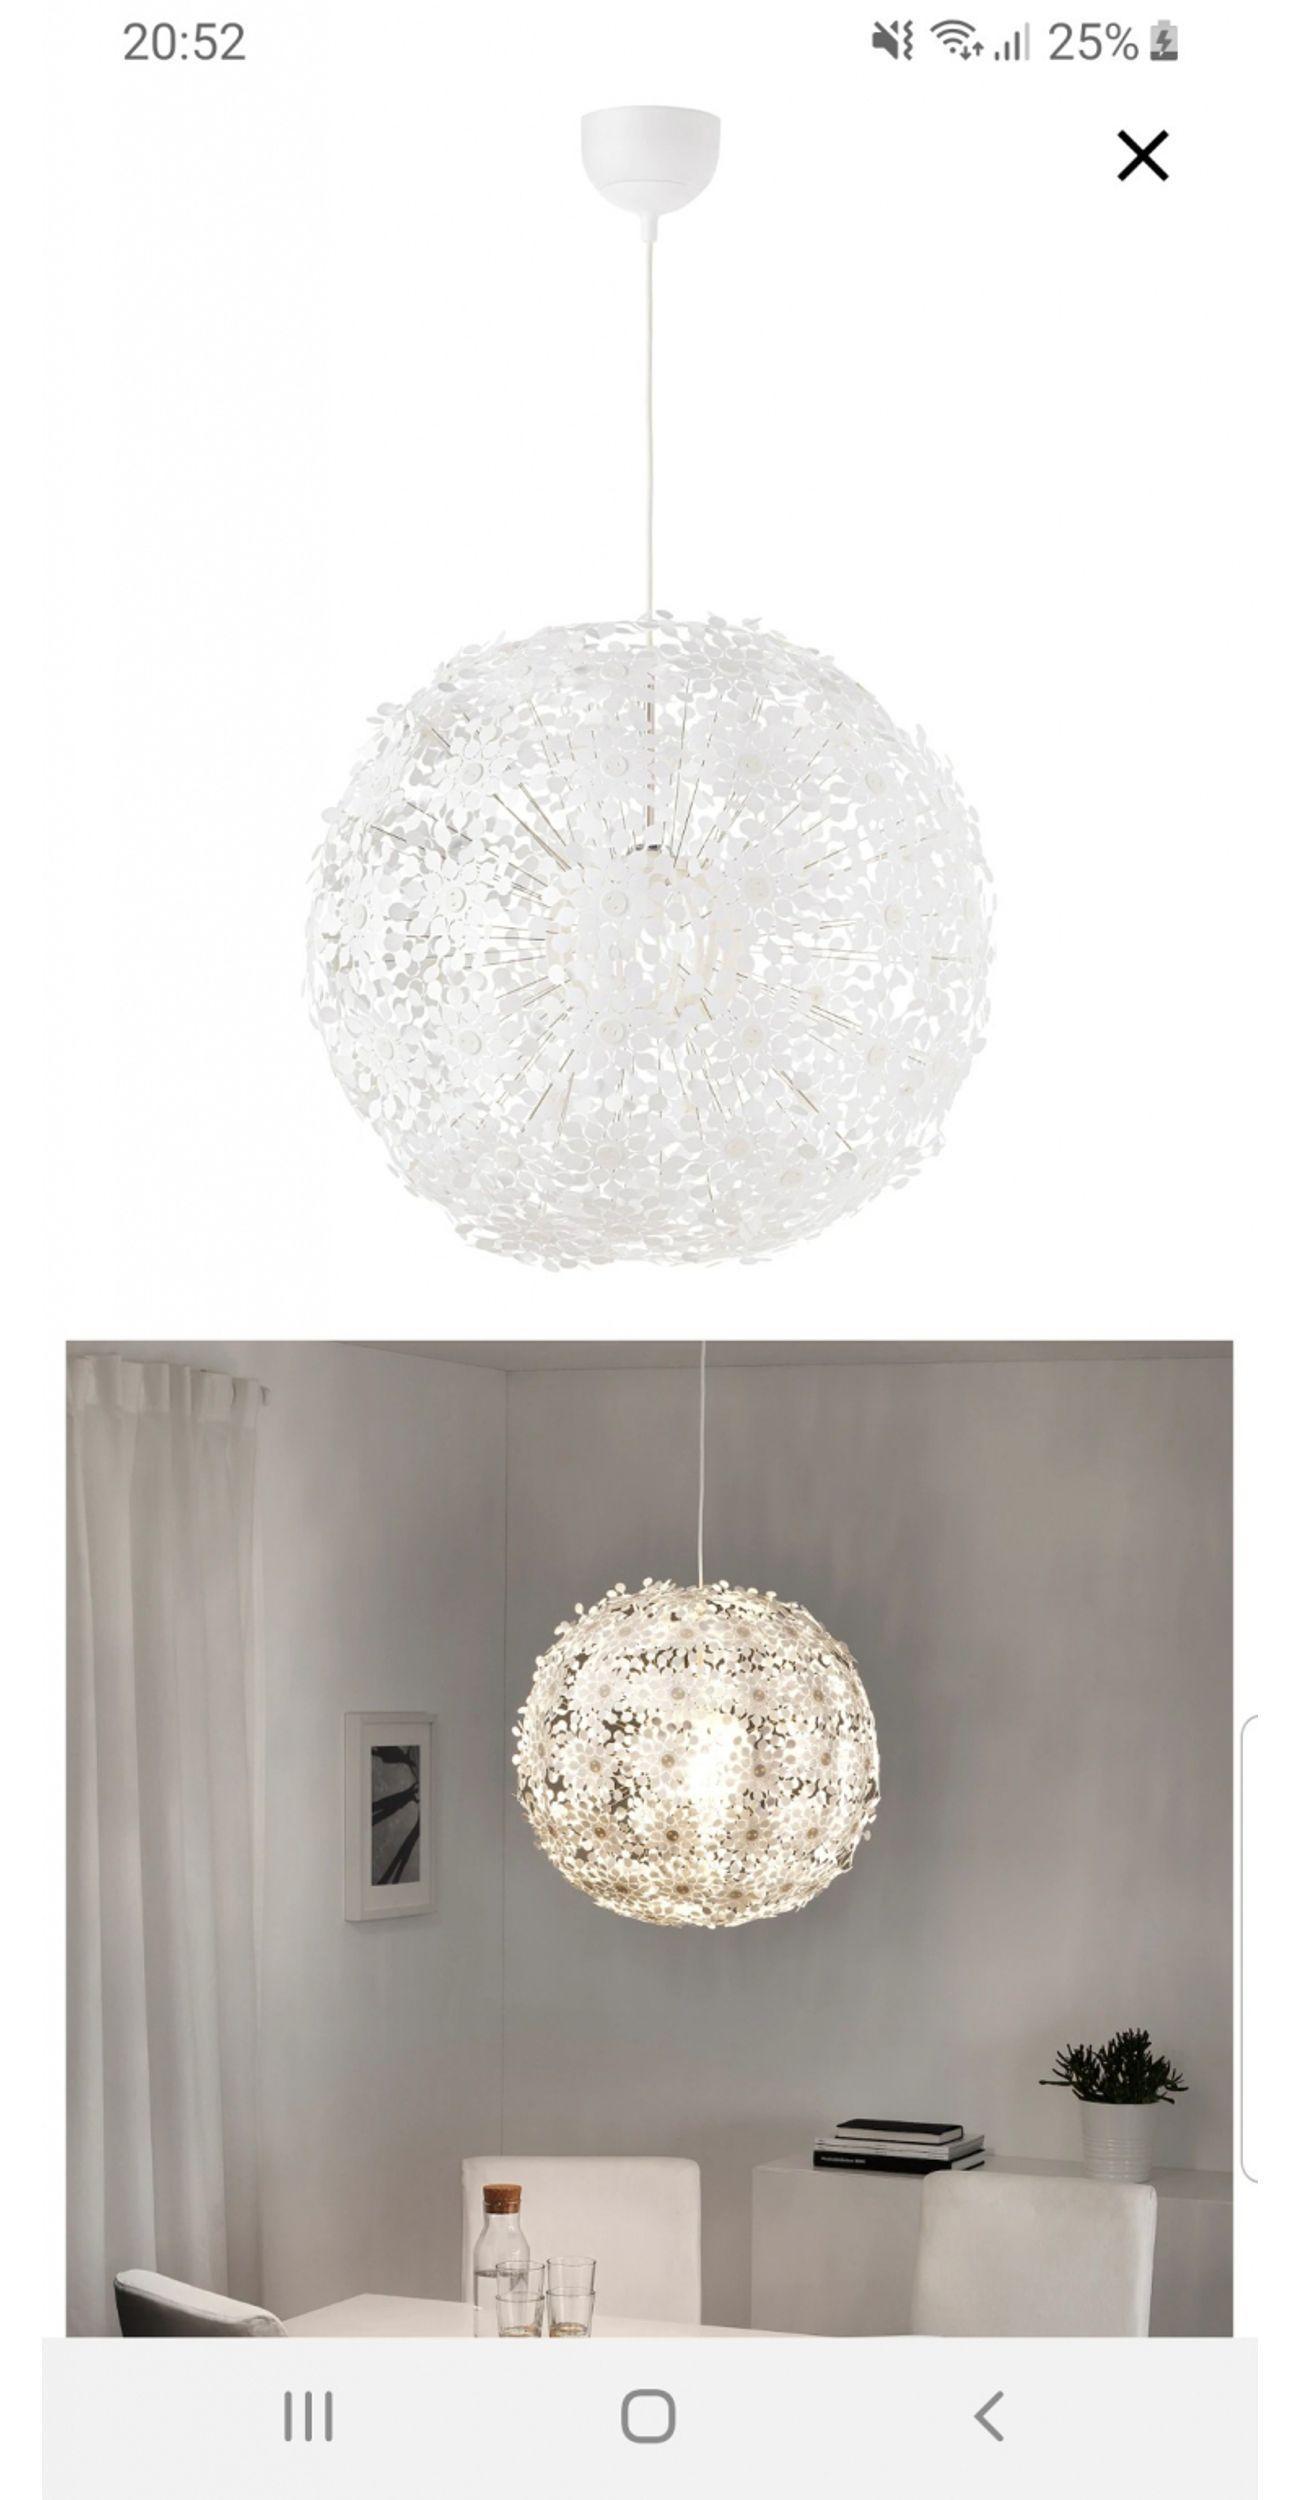 Lampen Wohnzimmer Decke Ikea